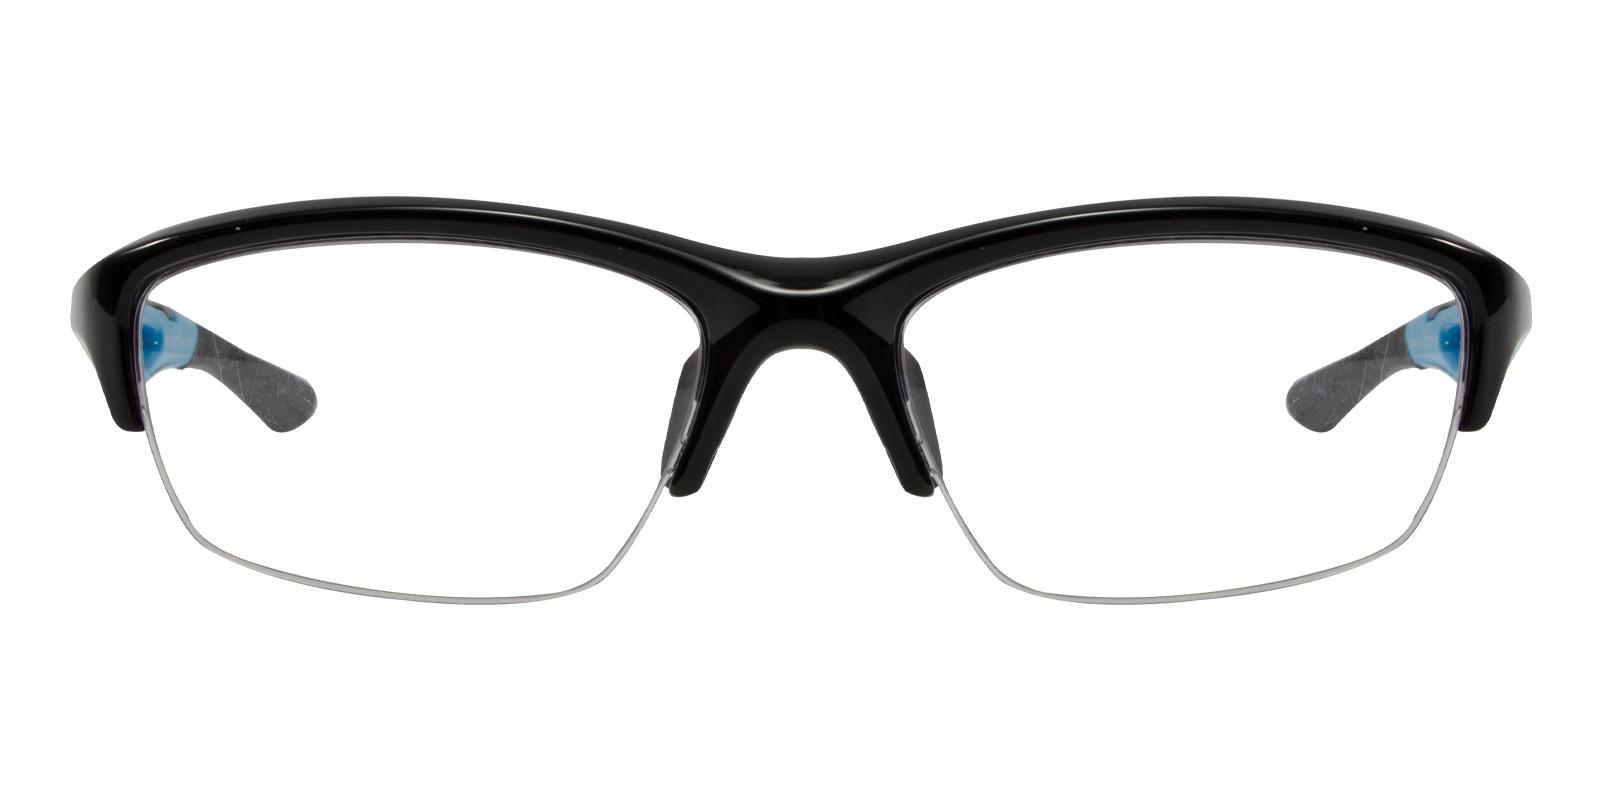 Venera Blue TR NosePads , SportsGlasses Frames from ABBE Glasses